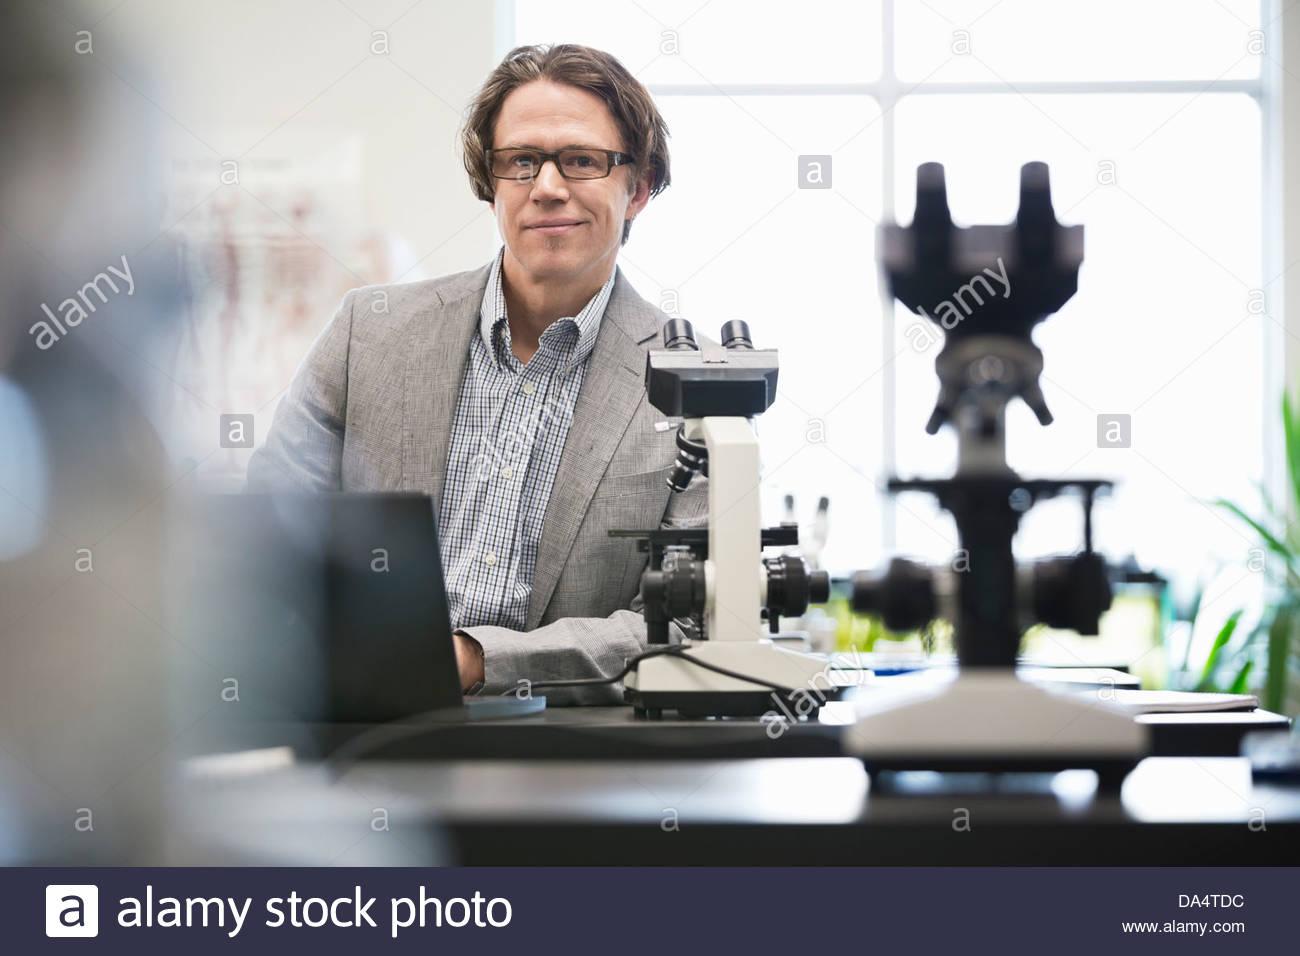 Ritratto di collegio maschile professore appoggiata sul tavolo nel laboratorio di scienze Immagini Stock